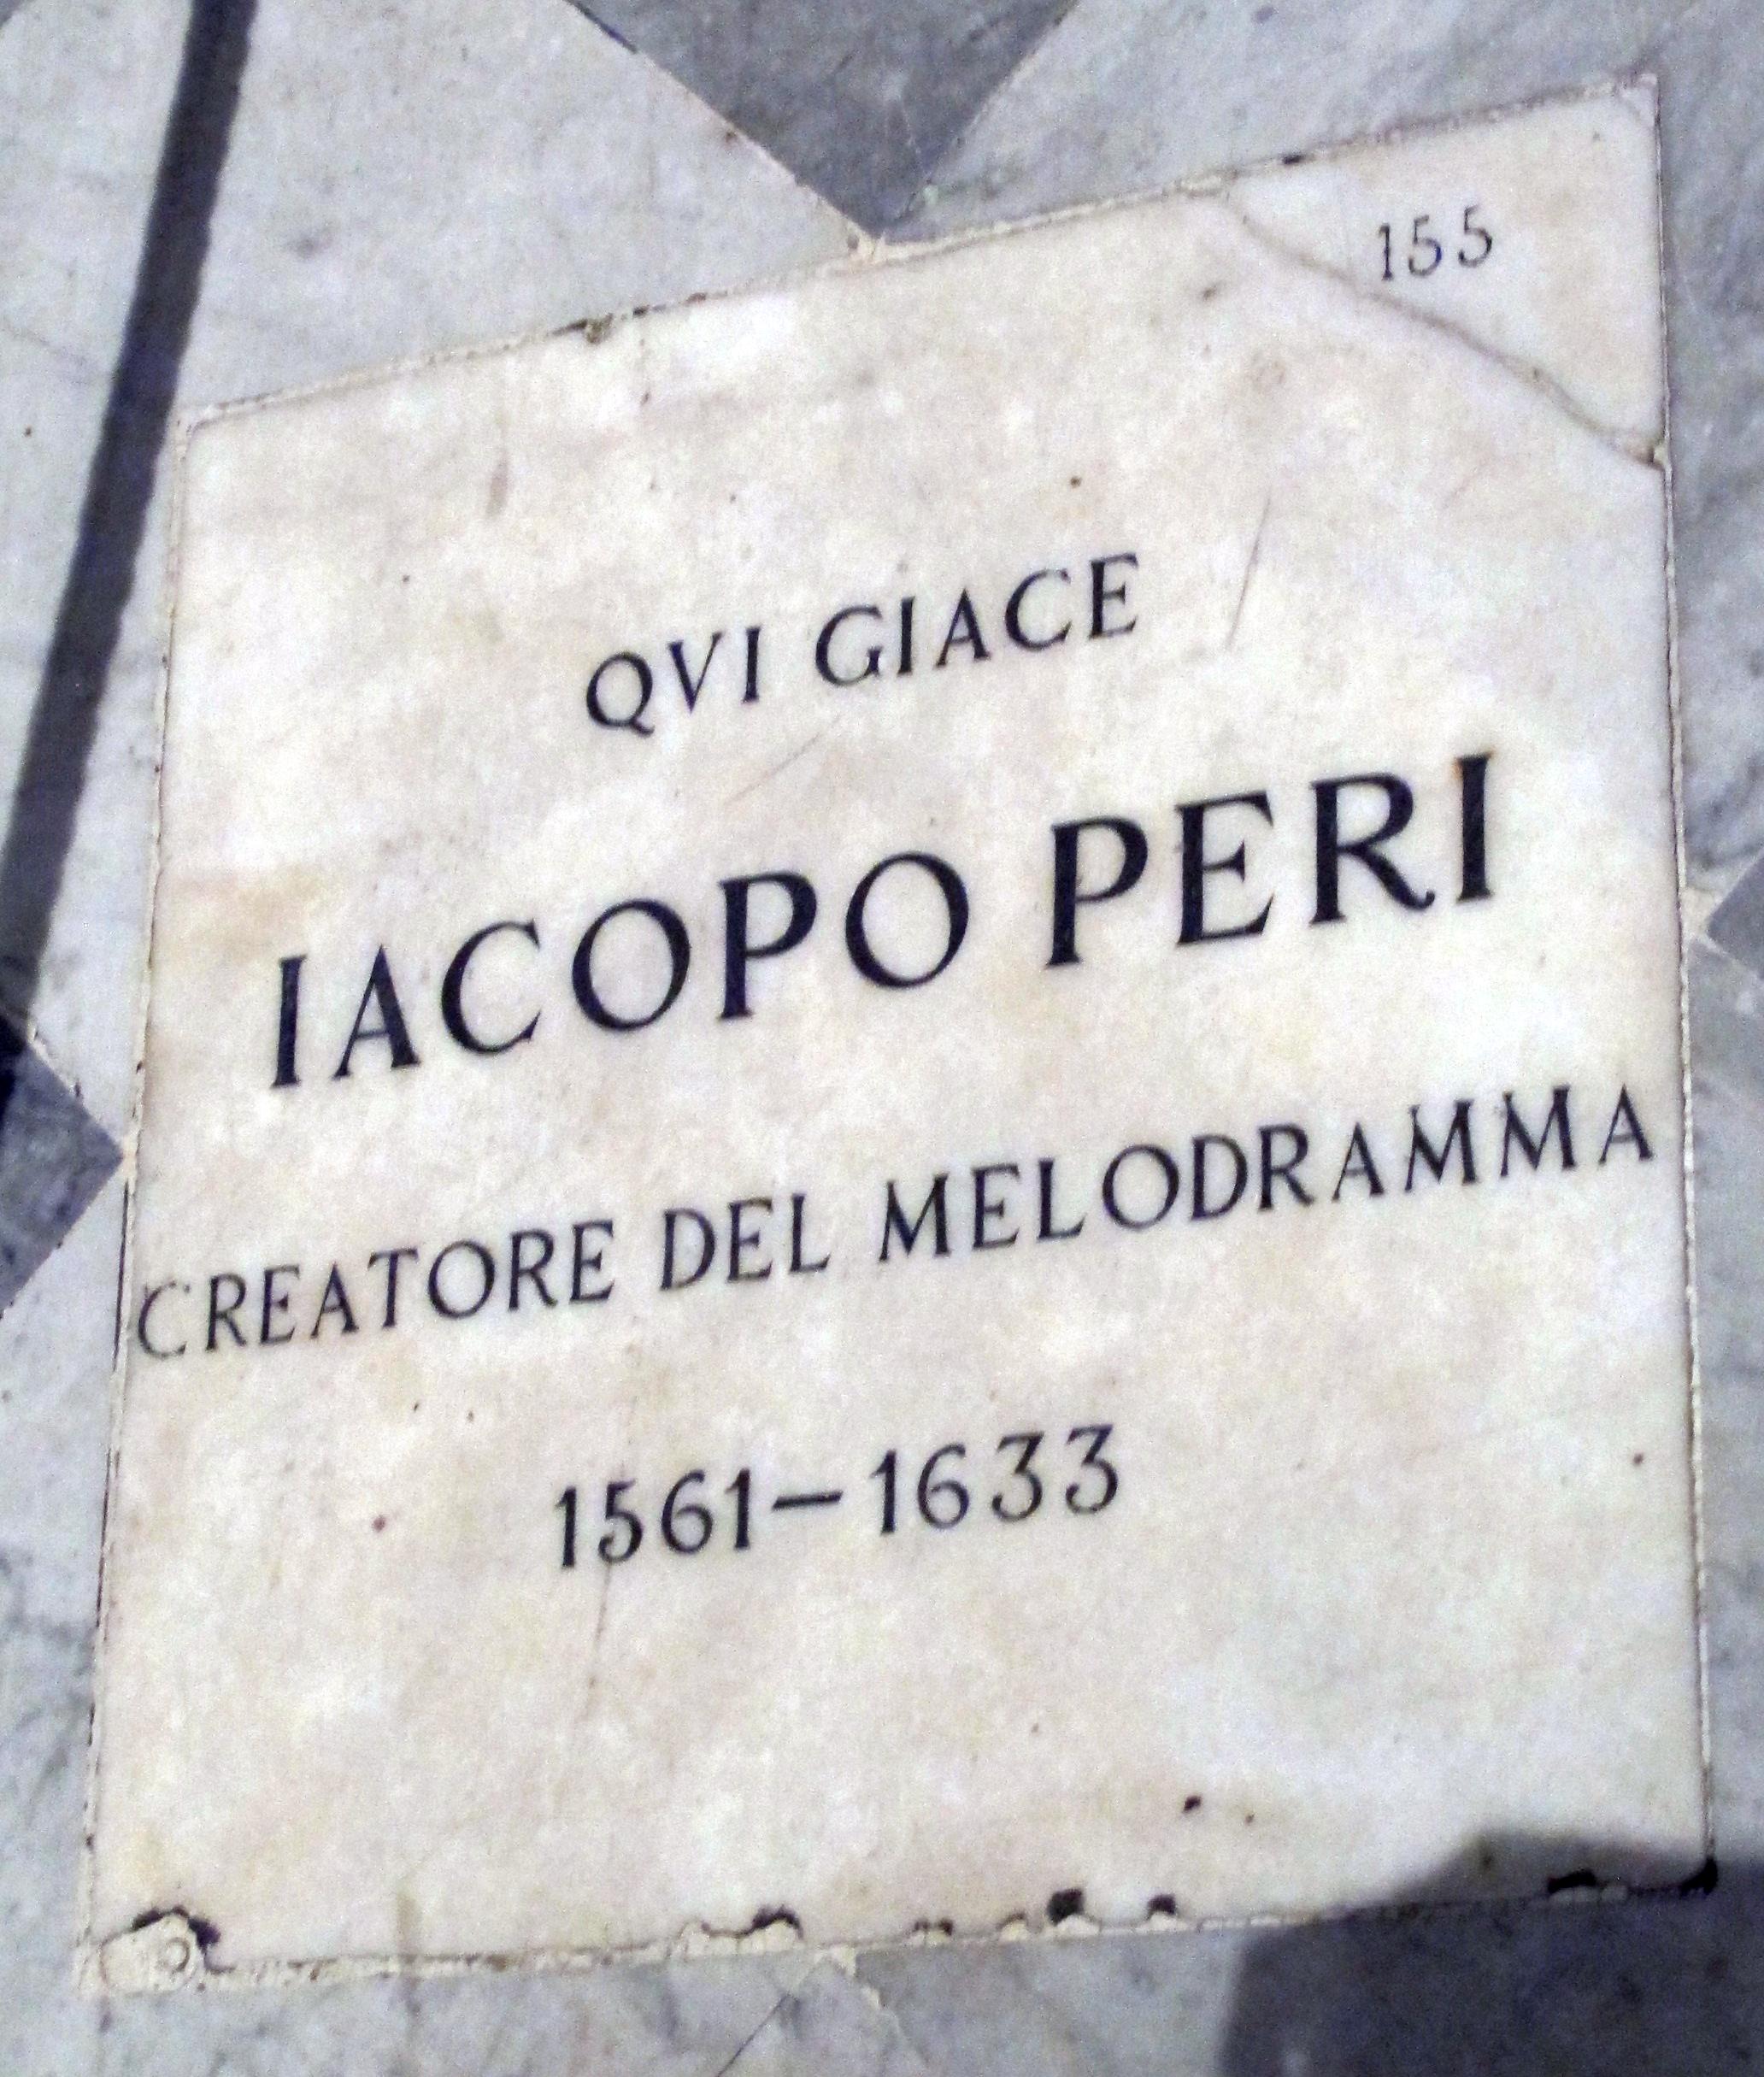 Jacopo Peri Jacopo Peri Wikipedia the free encyclopedia